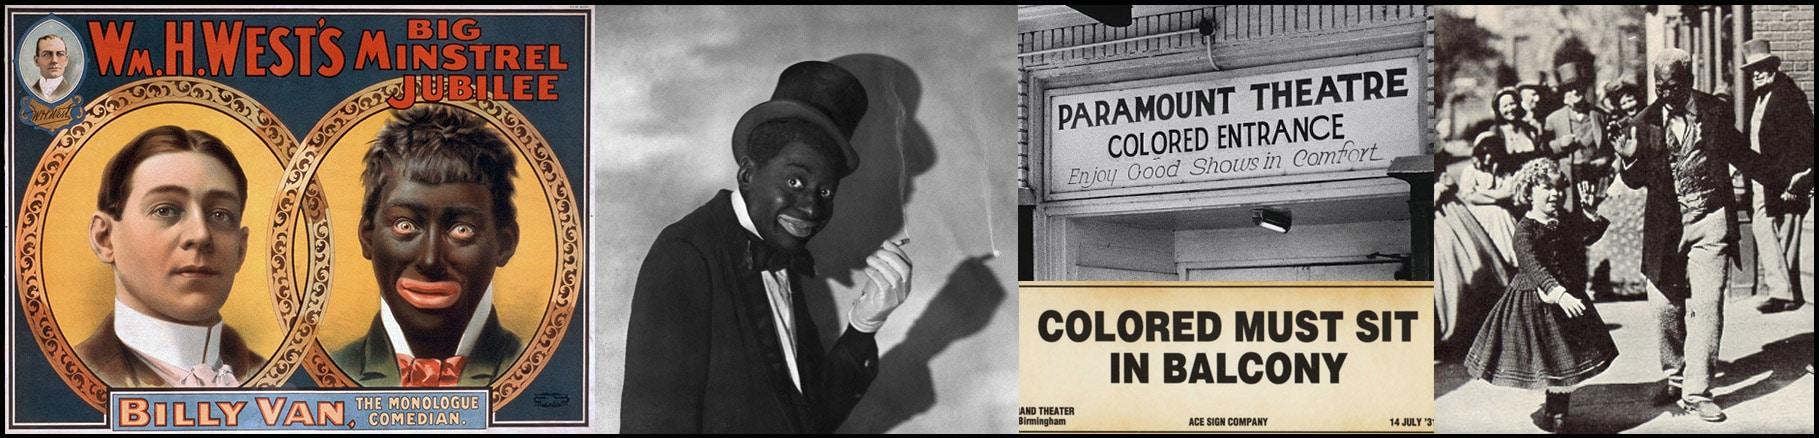 racial segregation